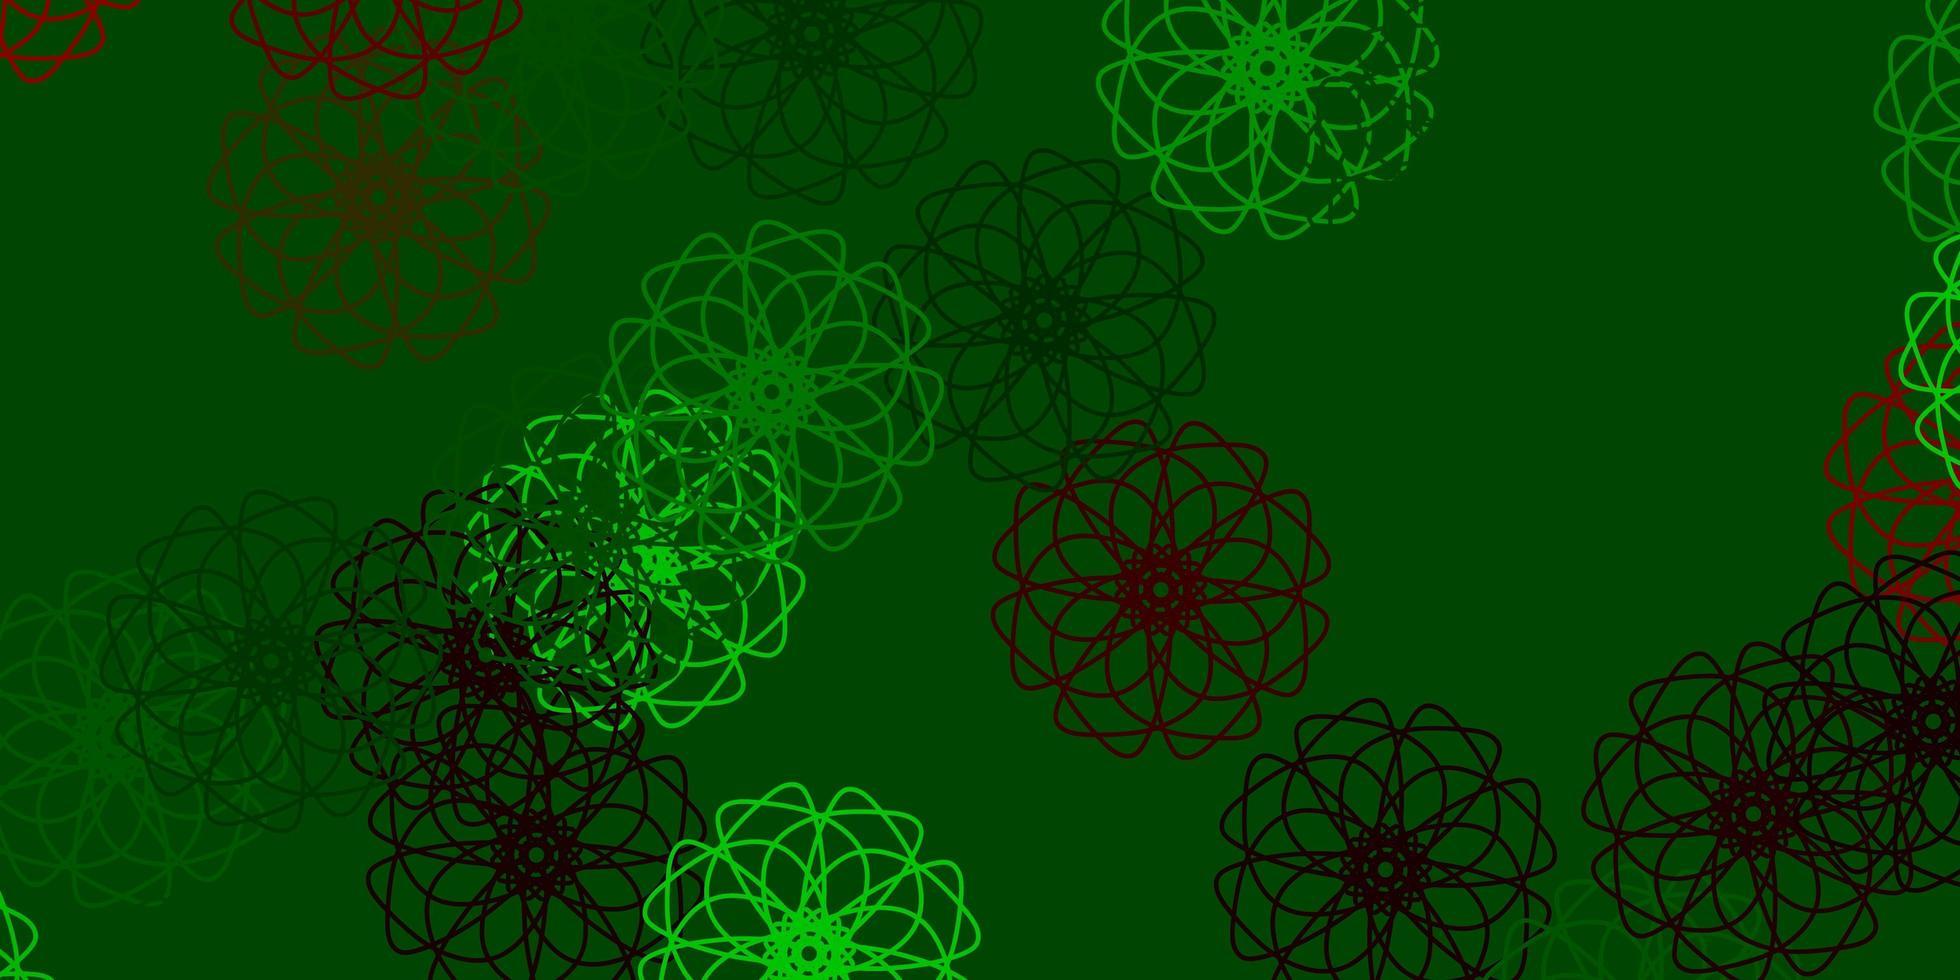 layout natural do vetor verde e vermelho claro com flores.